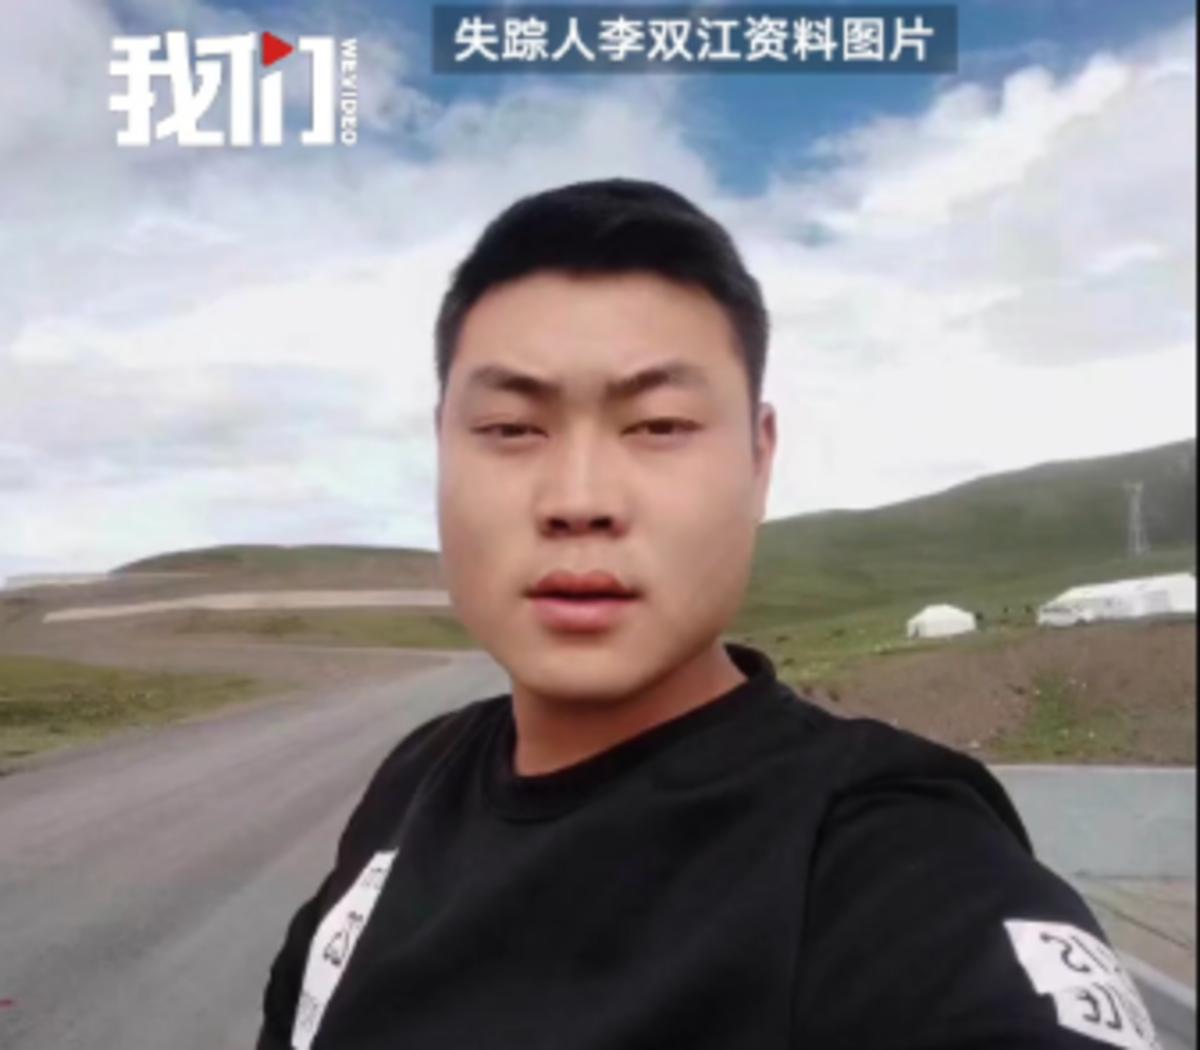 货车司机在青海失踪130天货车已找到但人没消息